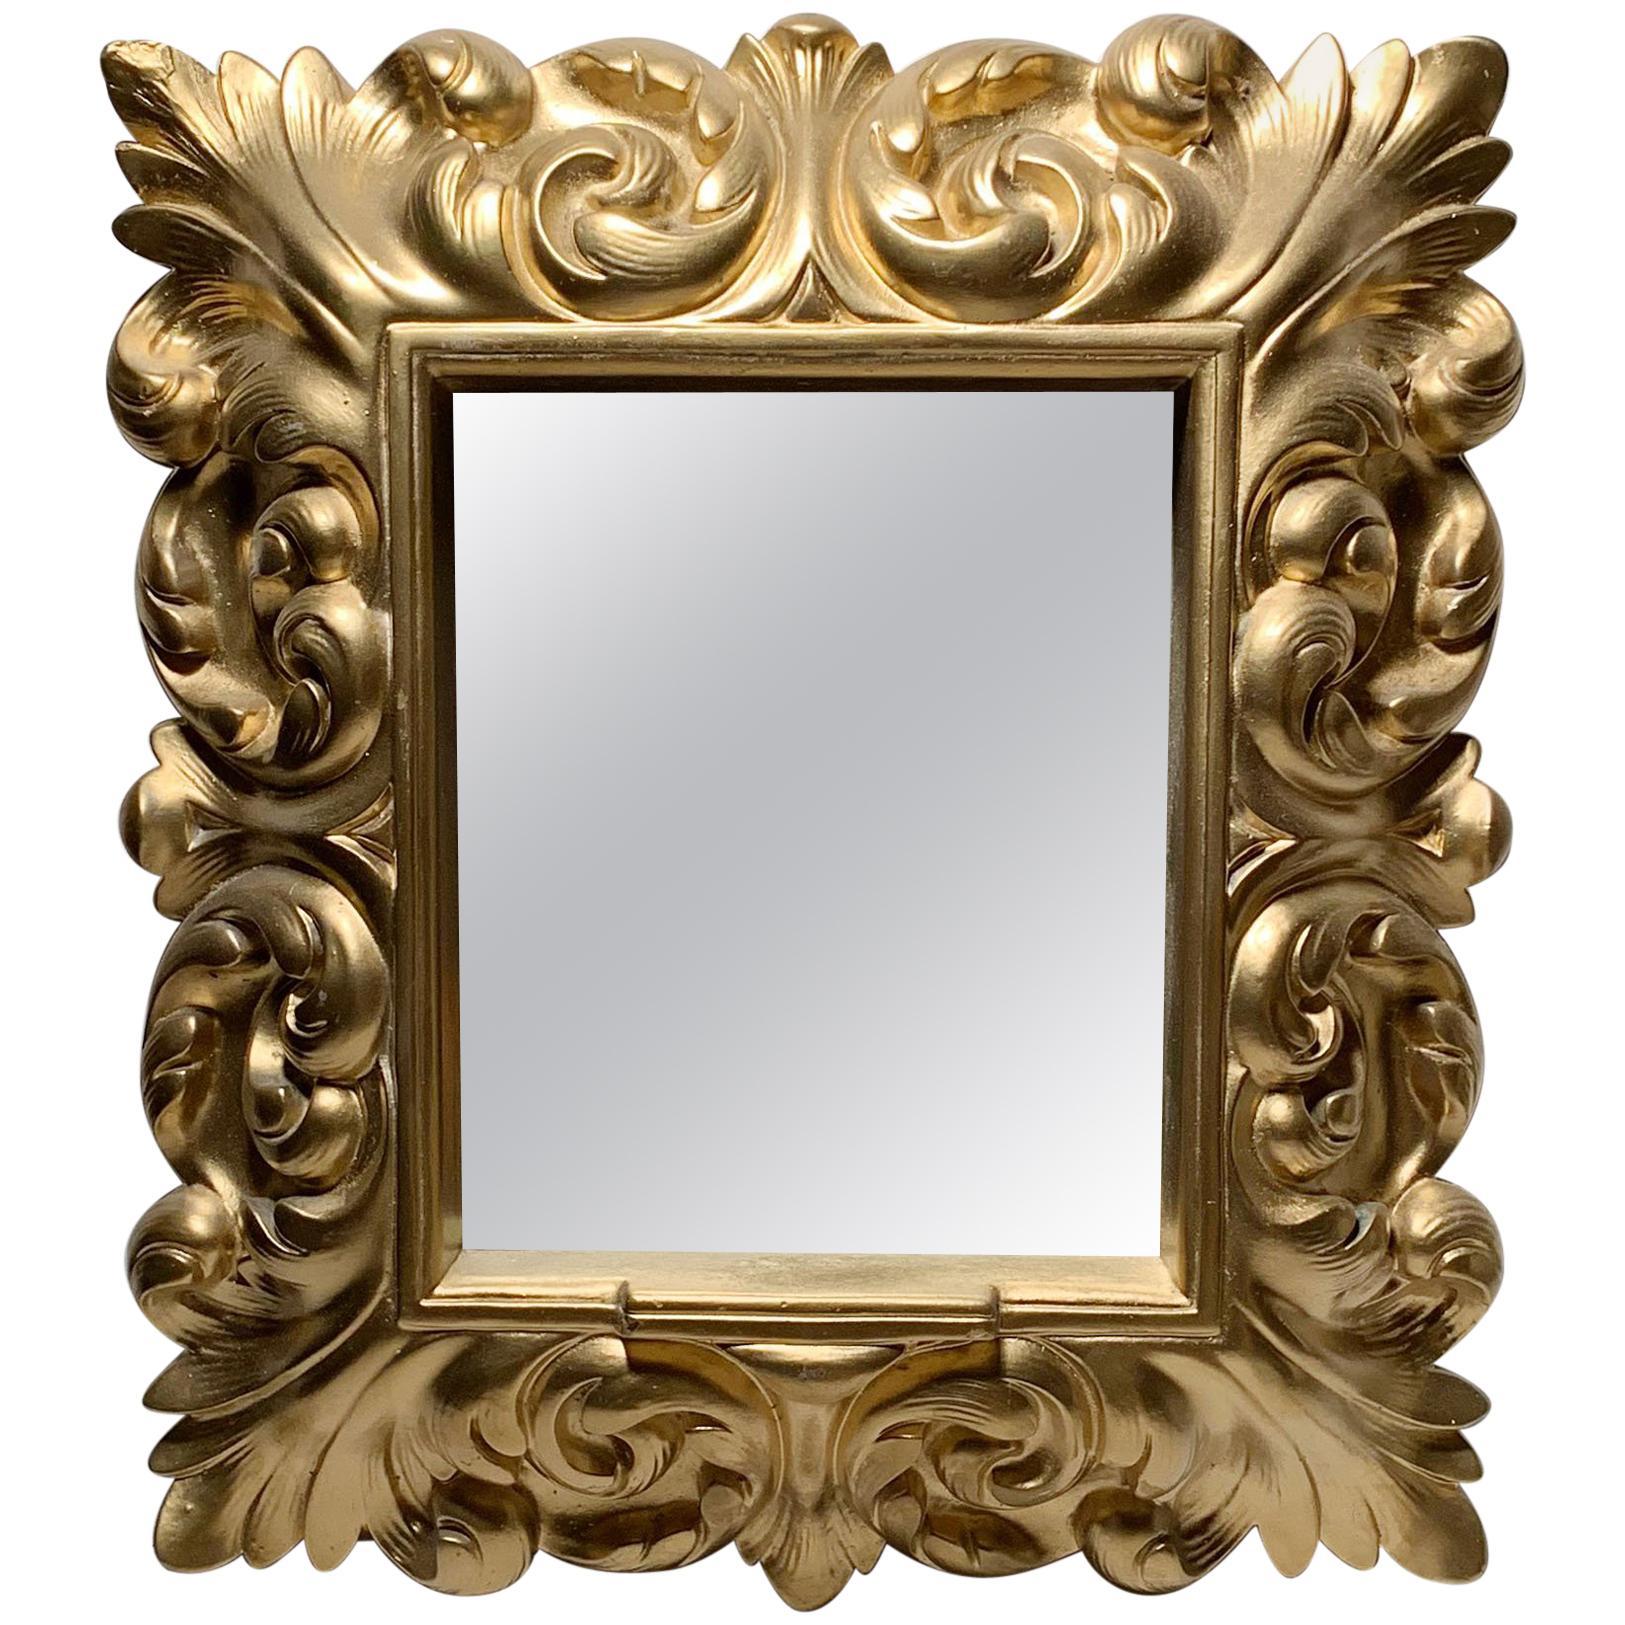 Plaster Wall Mirror Hollywood Regency